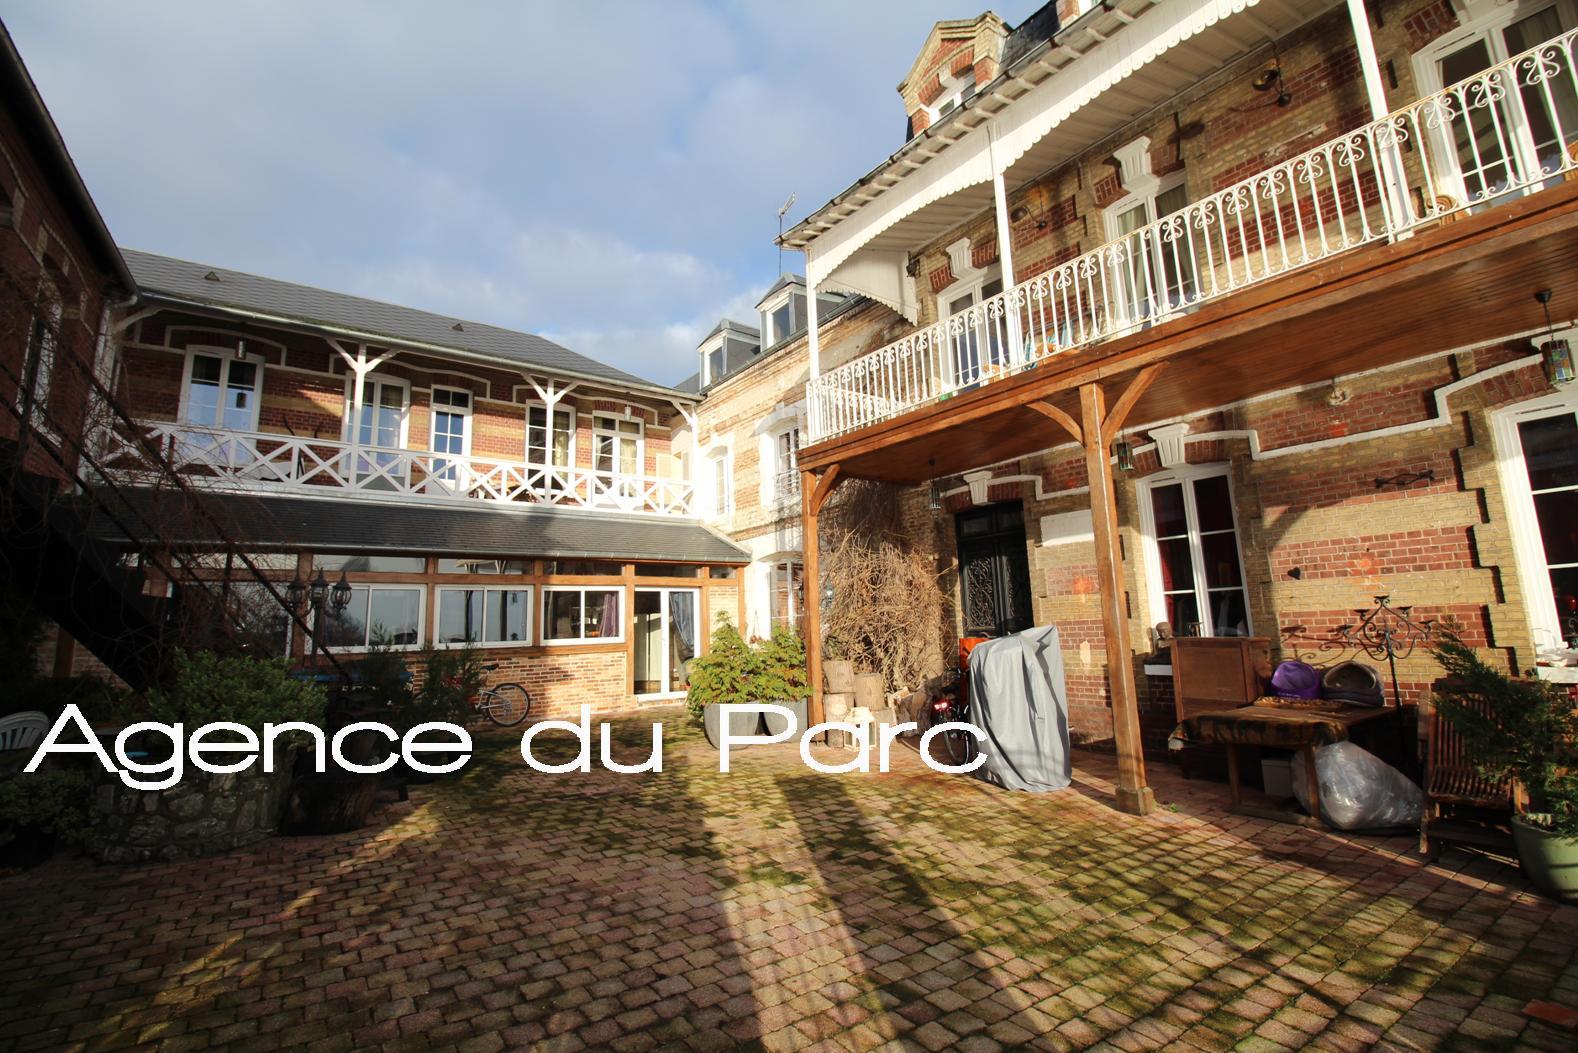 Acheter achat d 39 une grande maison de charme avec une vue exceptionnelle s - Maison de charme perche ...